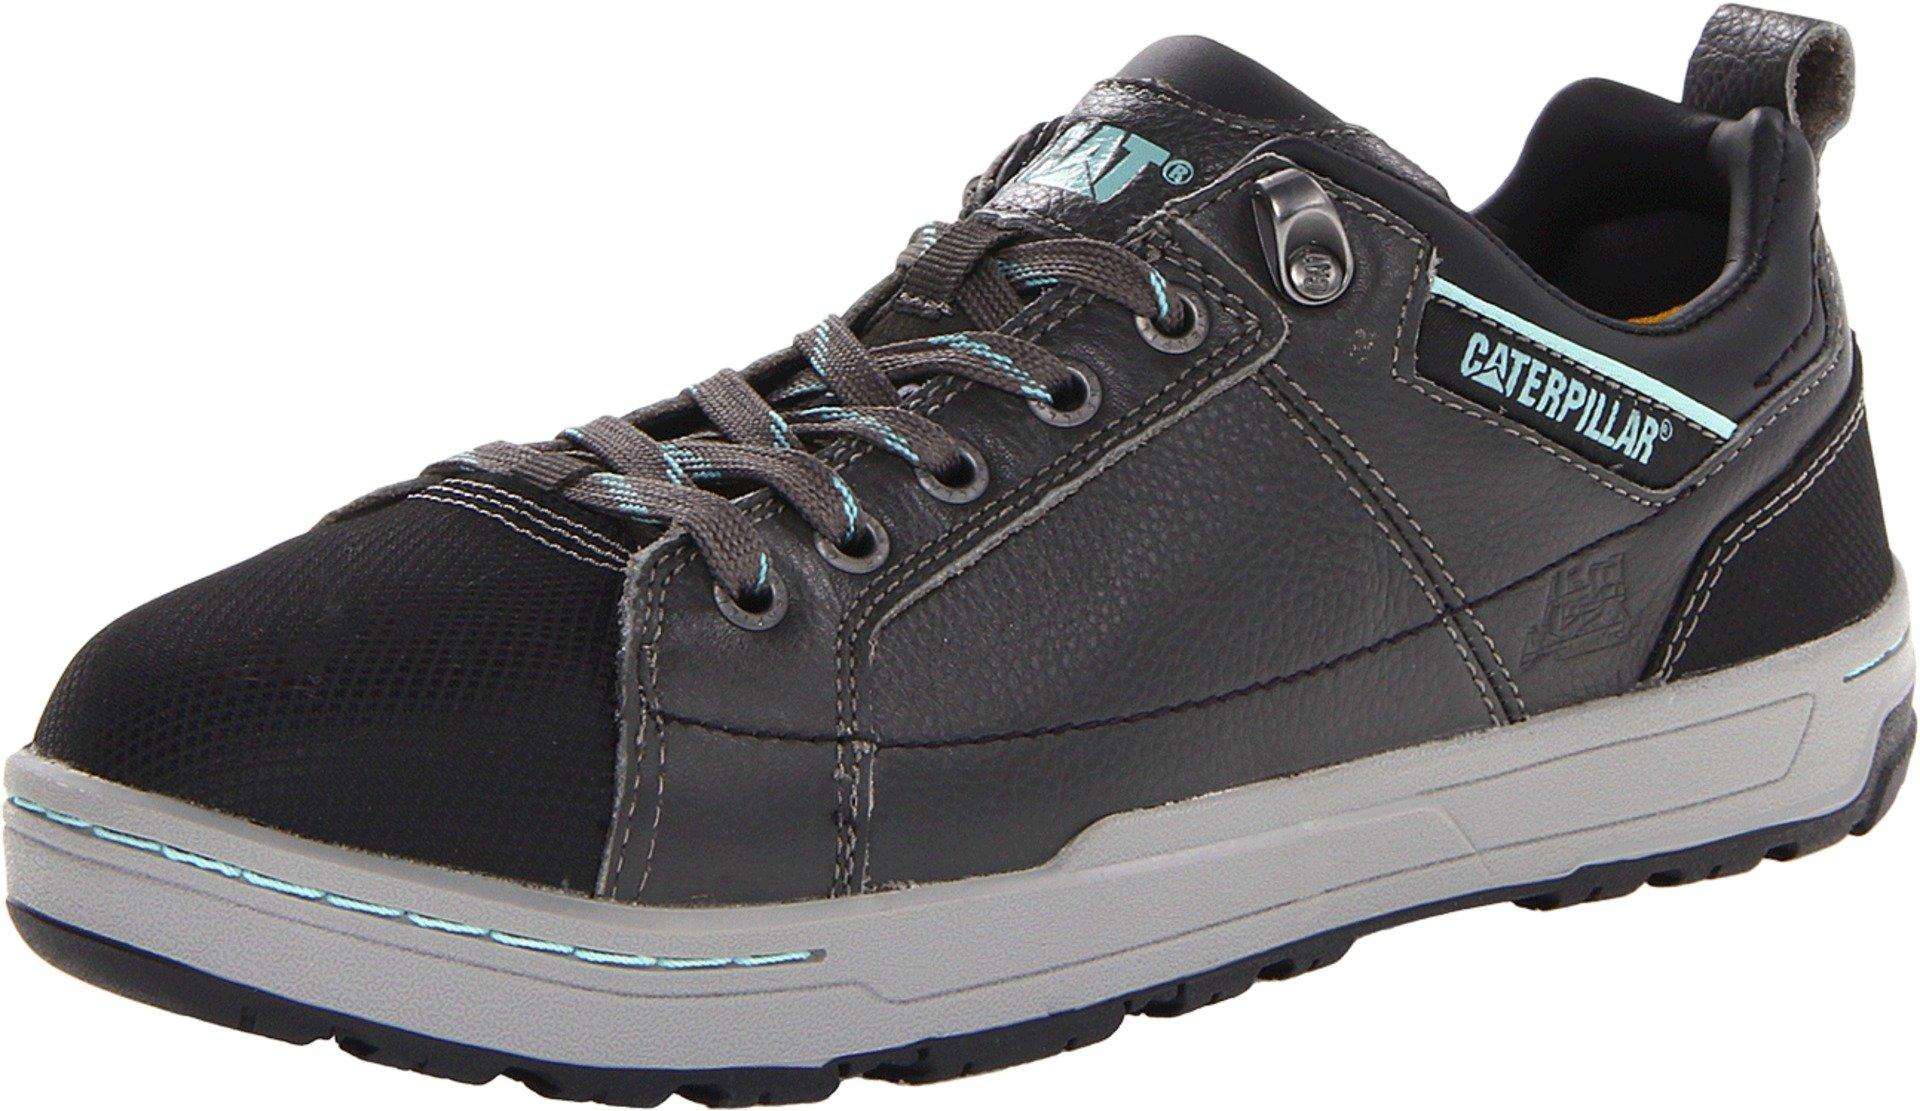 Caterpillar Women's Brode Steel Toe Work Shoe,Dark Grey,10 M US